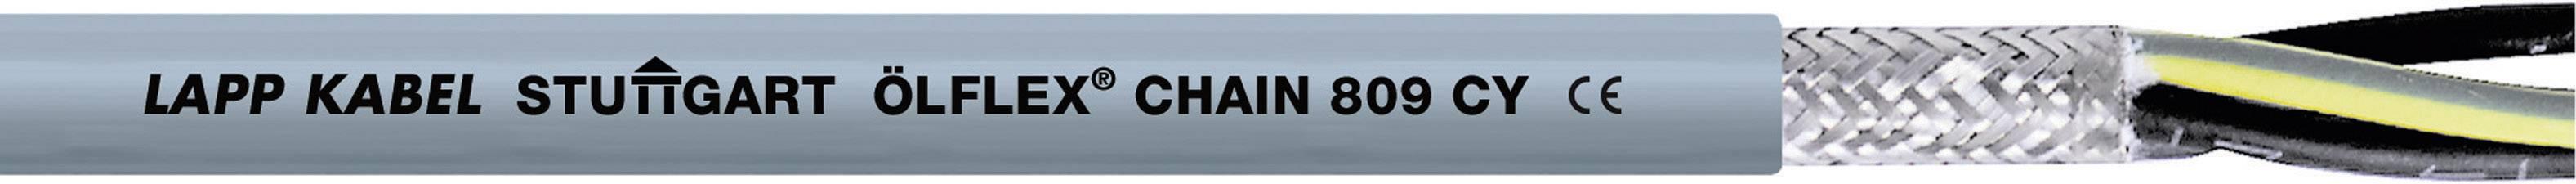 Žíla kabelu LappKabel ÖLFLEX CHAIN 809 CY 7G1,0 (1026771), 7x 1 mm², PVC, Ø 9,8 mm, stíněný, 50 m, šedá